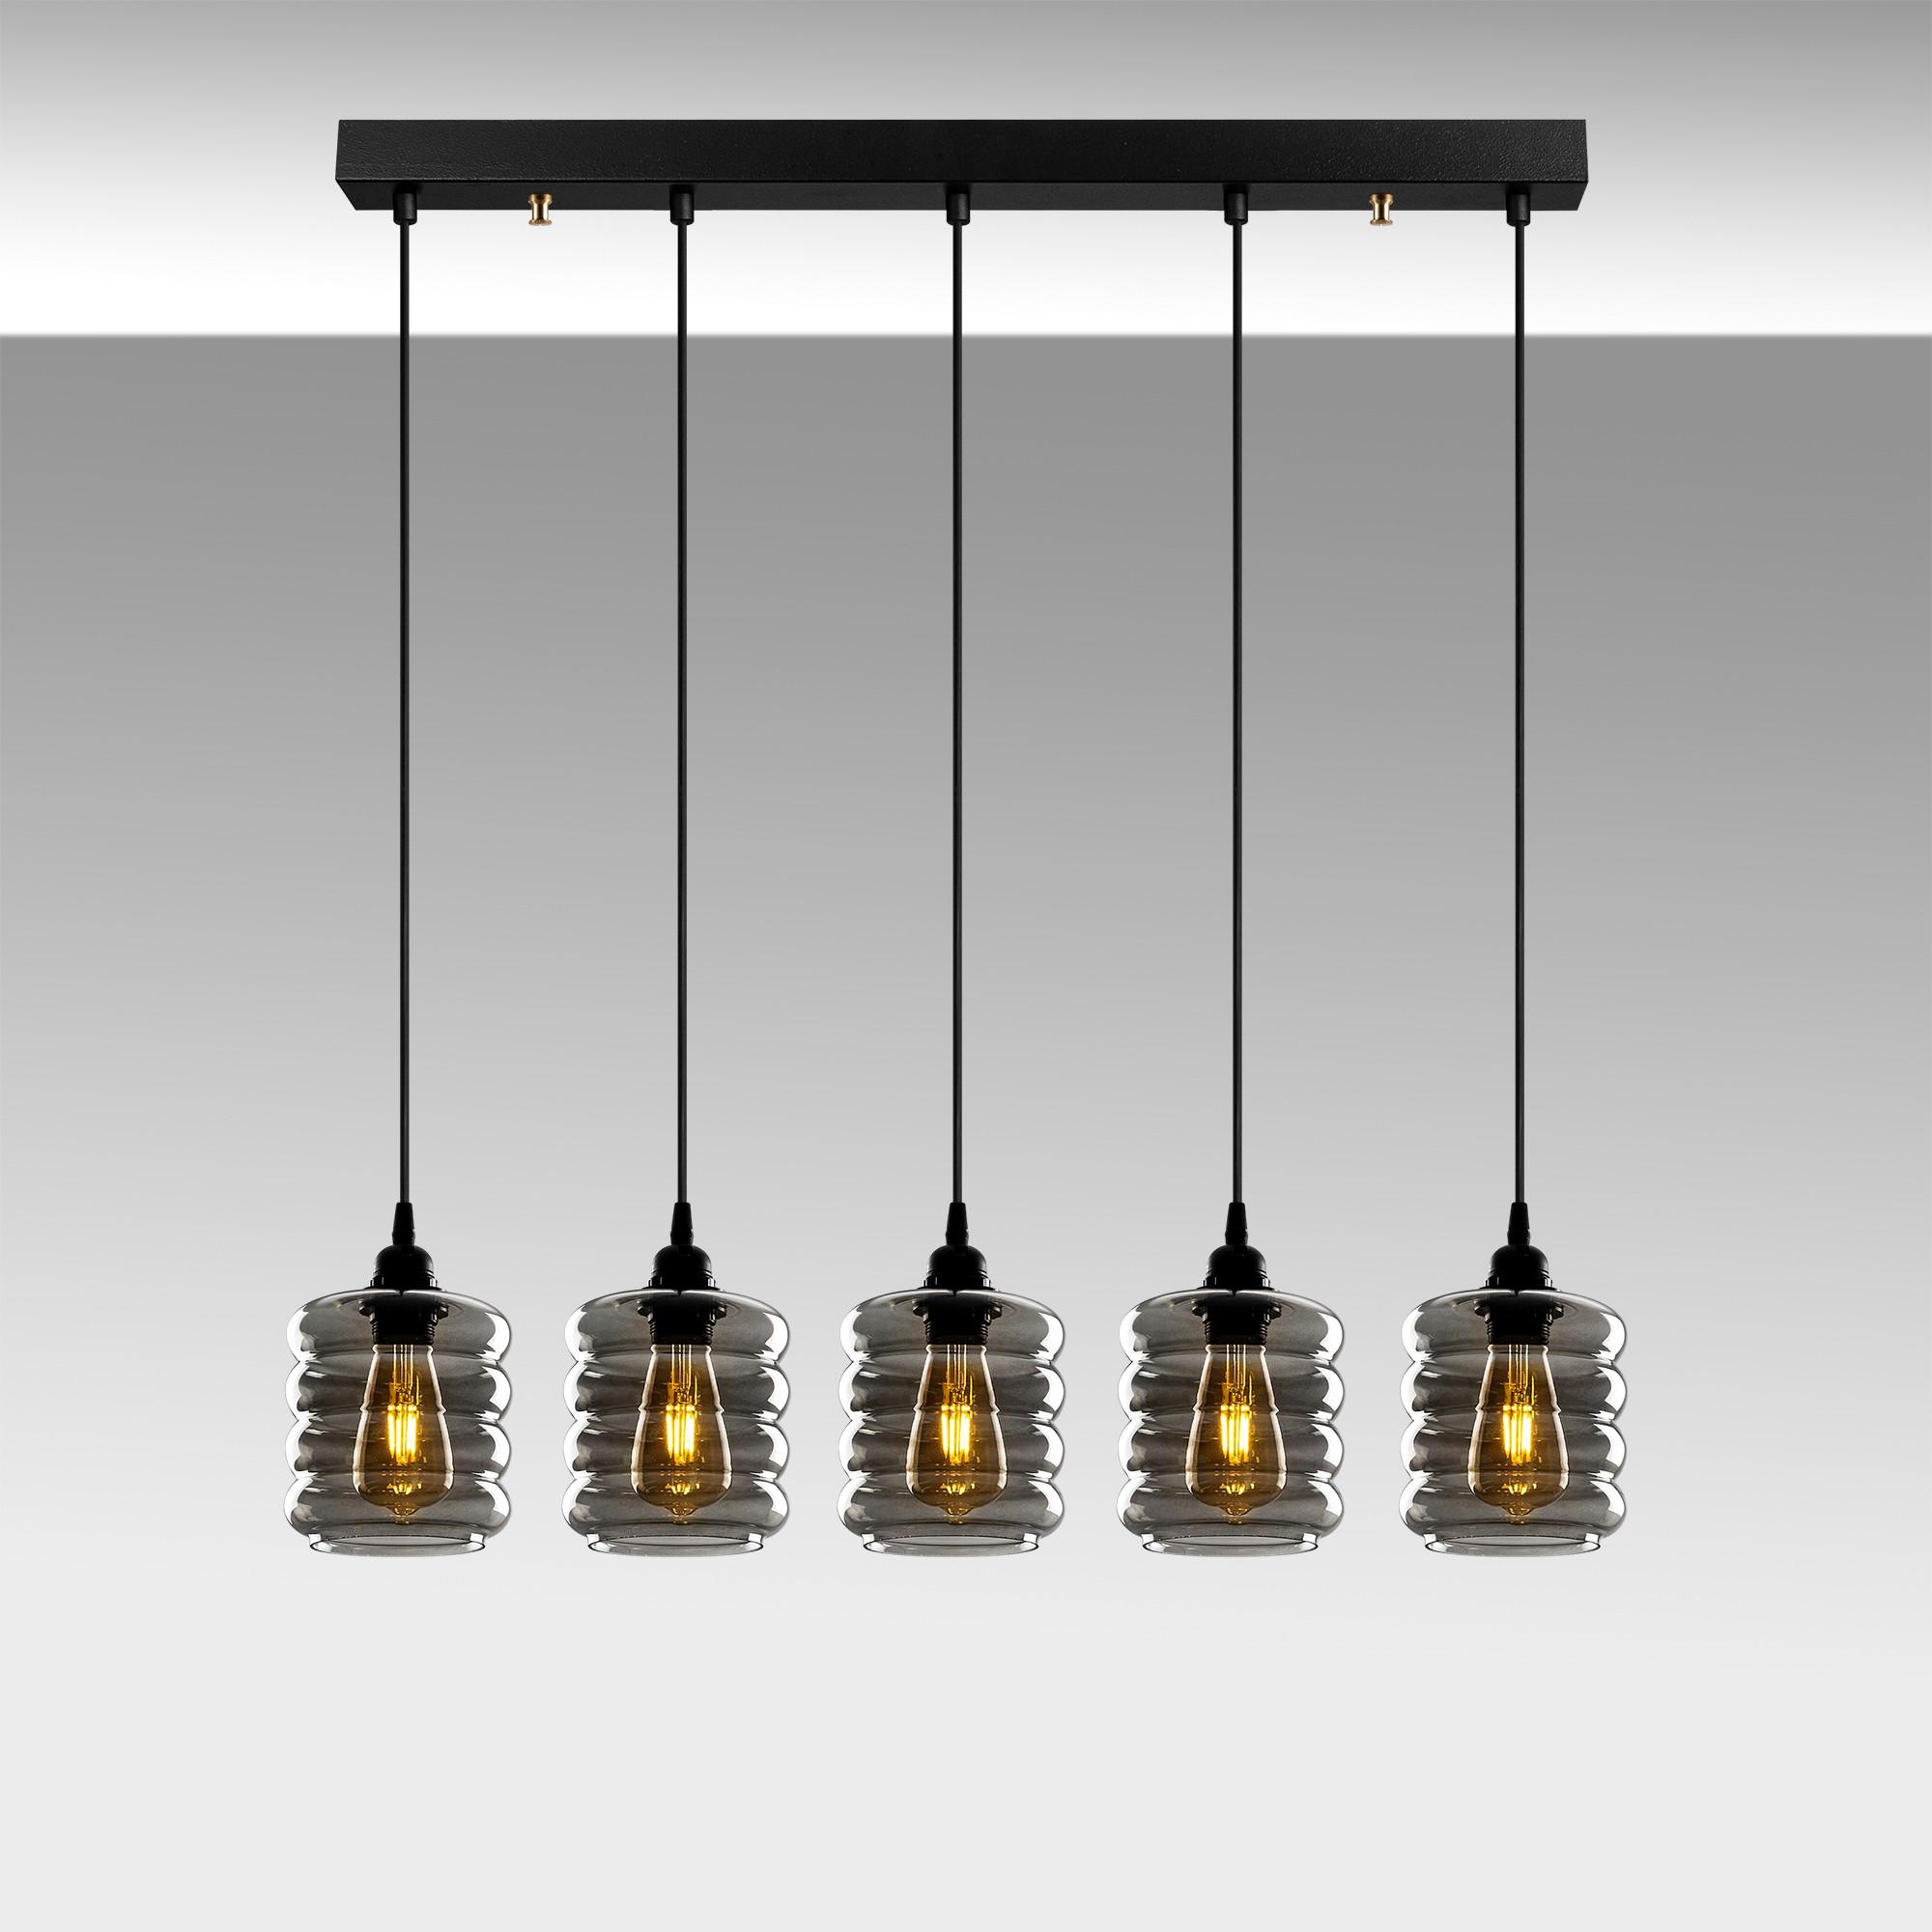 Hanglamp gerookt glas 5 keer e27 fitting IP20 - sfeerfoto